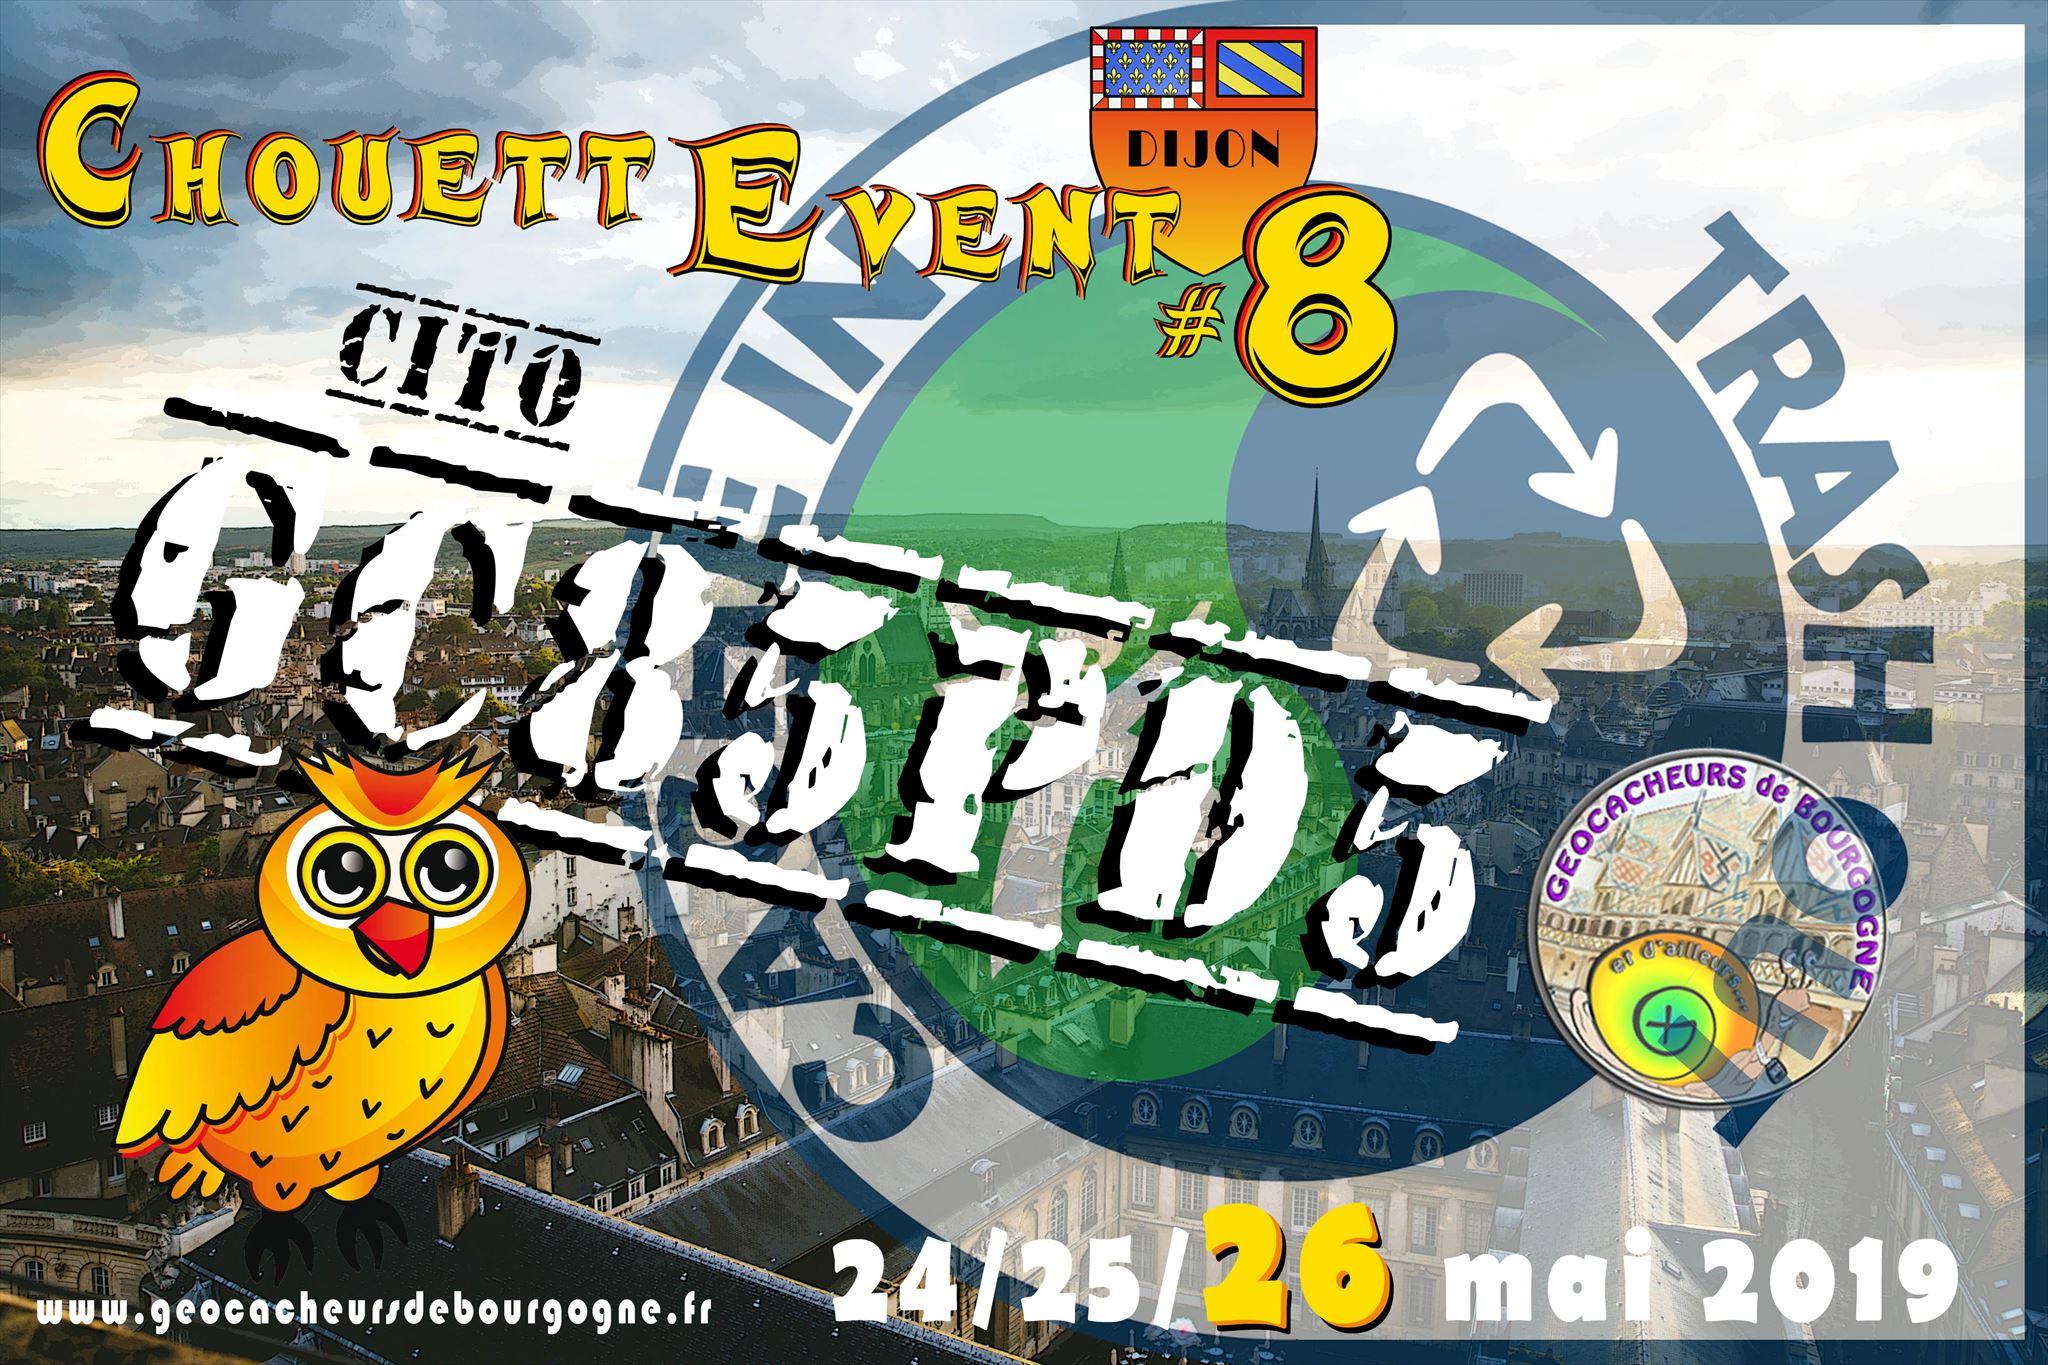 Chouette le CITO !!! D6b94283-0675-4a77-9860-f69052a328e9